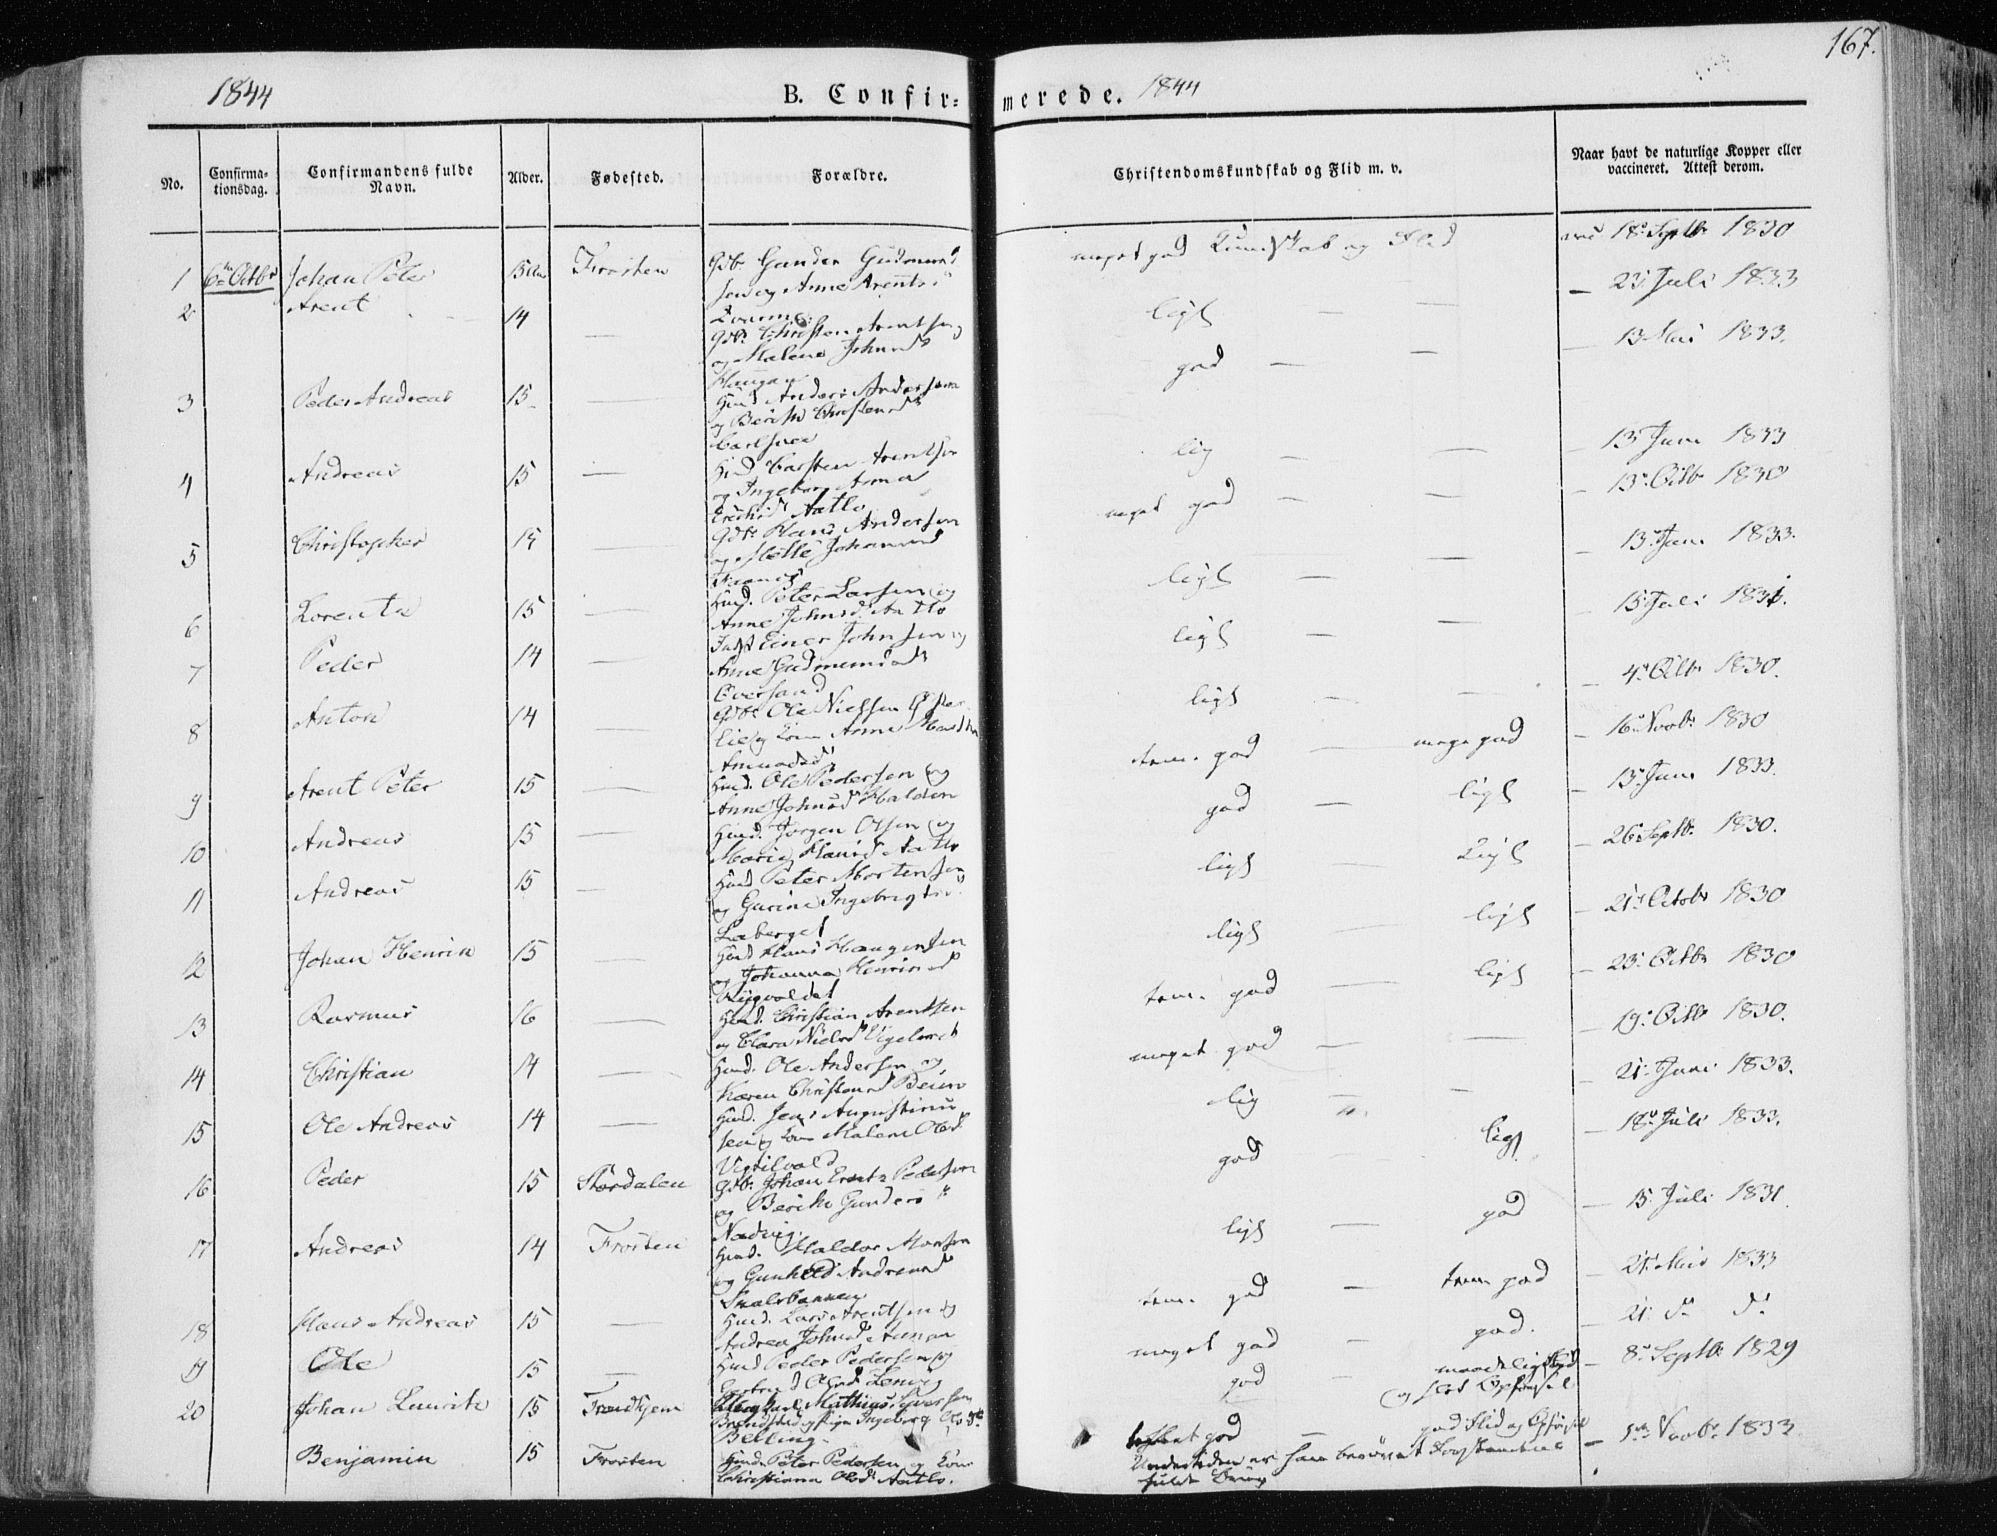 SAT, Ministerialprotokoller, klokkerbøker og fødselsregistre - Nord-Trøndelag, 713/L0115: Ministerialbok nr. 713A06, 1838-1851, s. 167